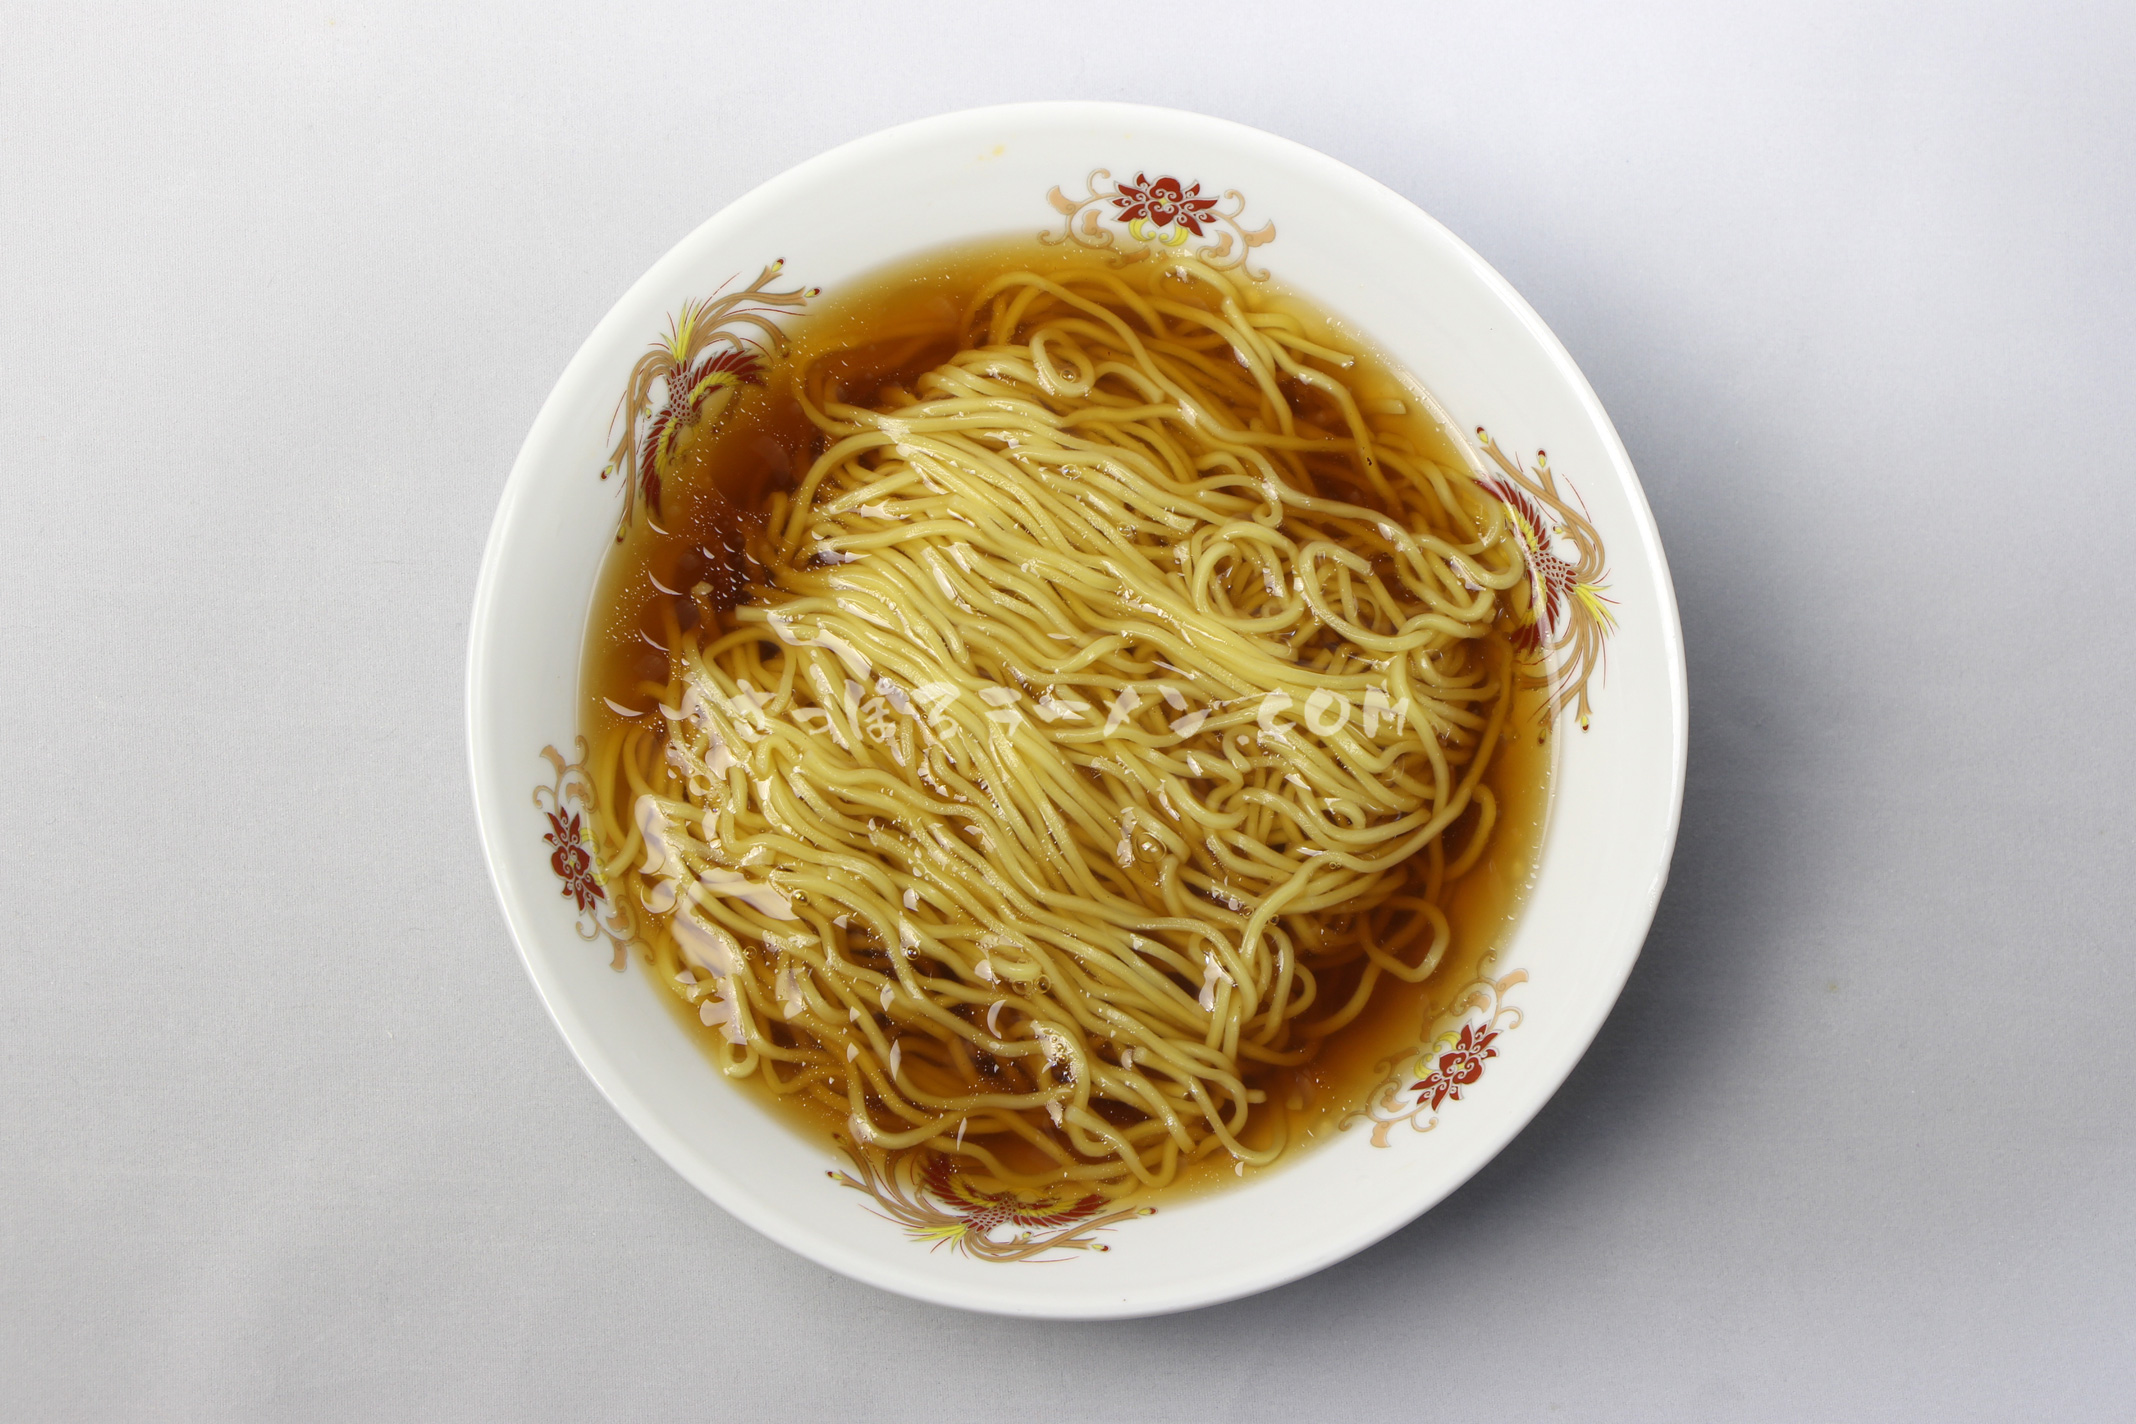 「北海道ラーメン旭川醤油」(藤原製麺)の完成画像